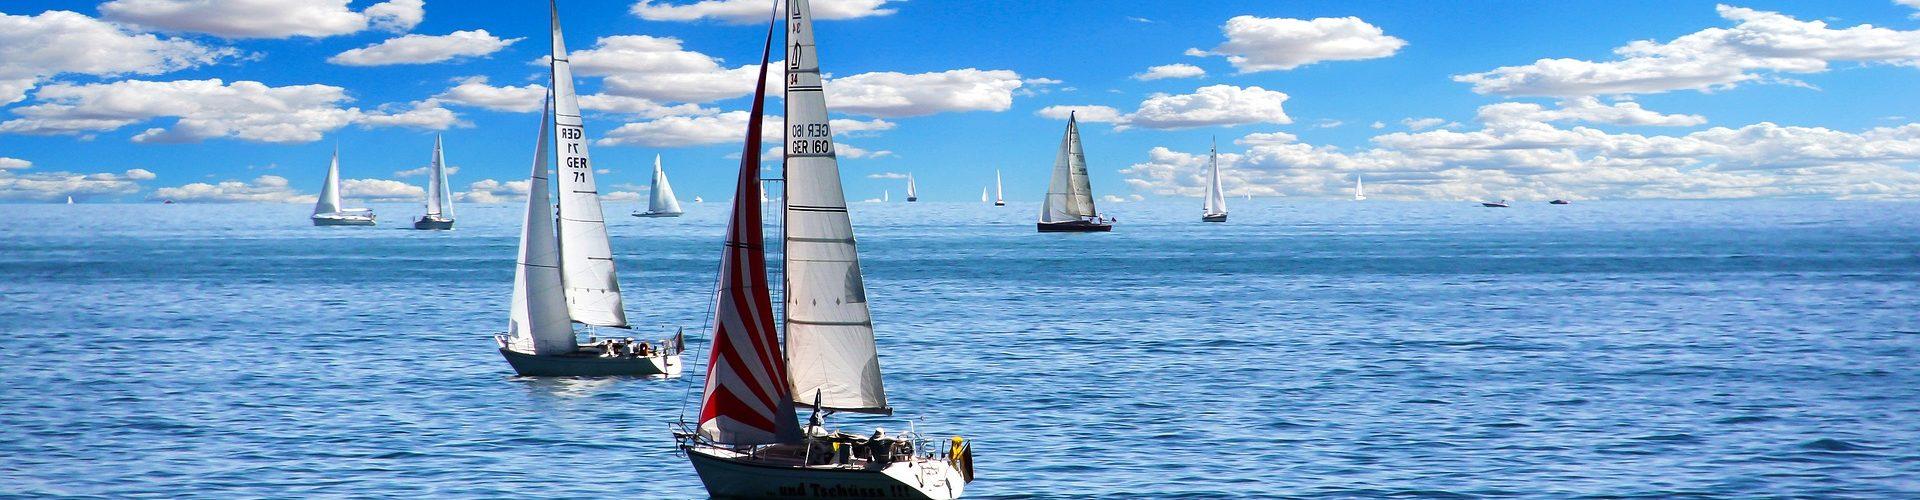 segeln lernen in Kreuzau segelschein machen in Kreuzau 1920x500 - Segeln lernen in Kreuzau